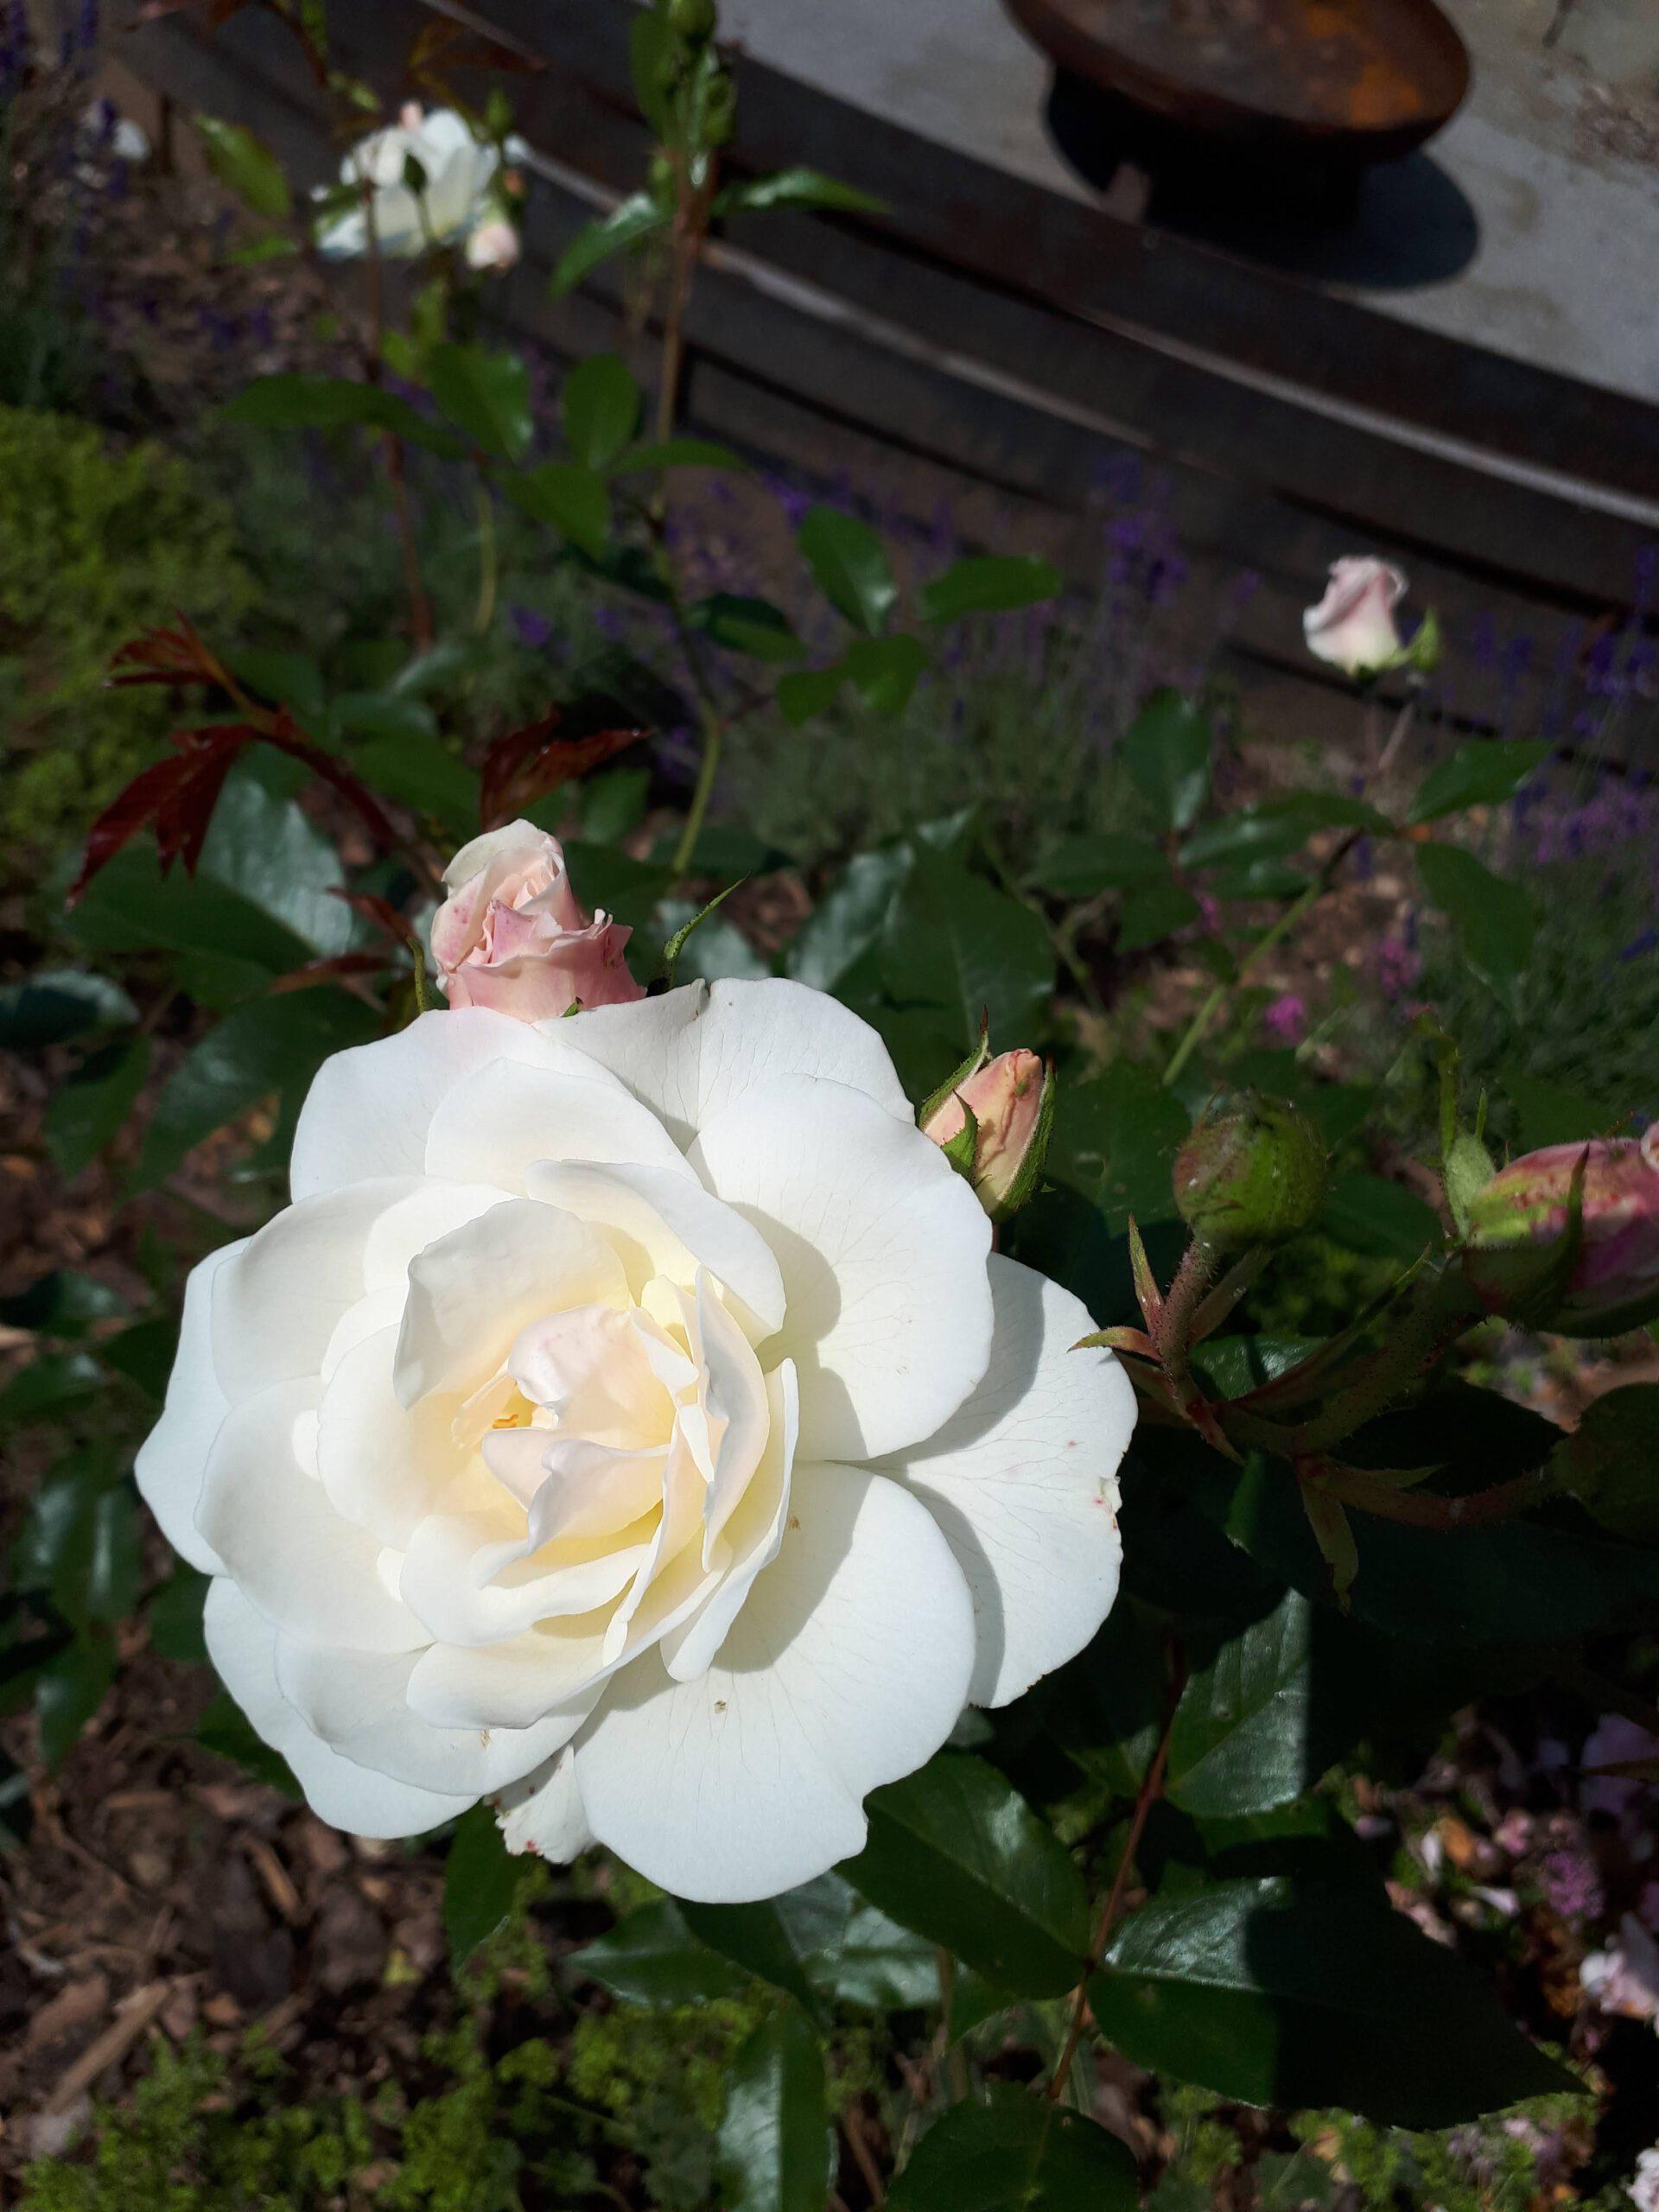 Meine Rosensorten, hier eine unbekannte cremeweiße Sorte die an eine klassische Edelrose erinnert.